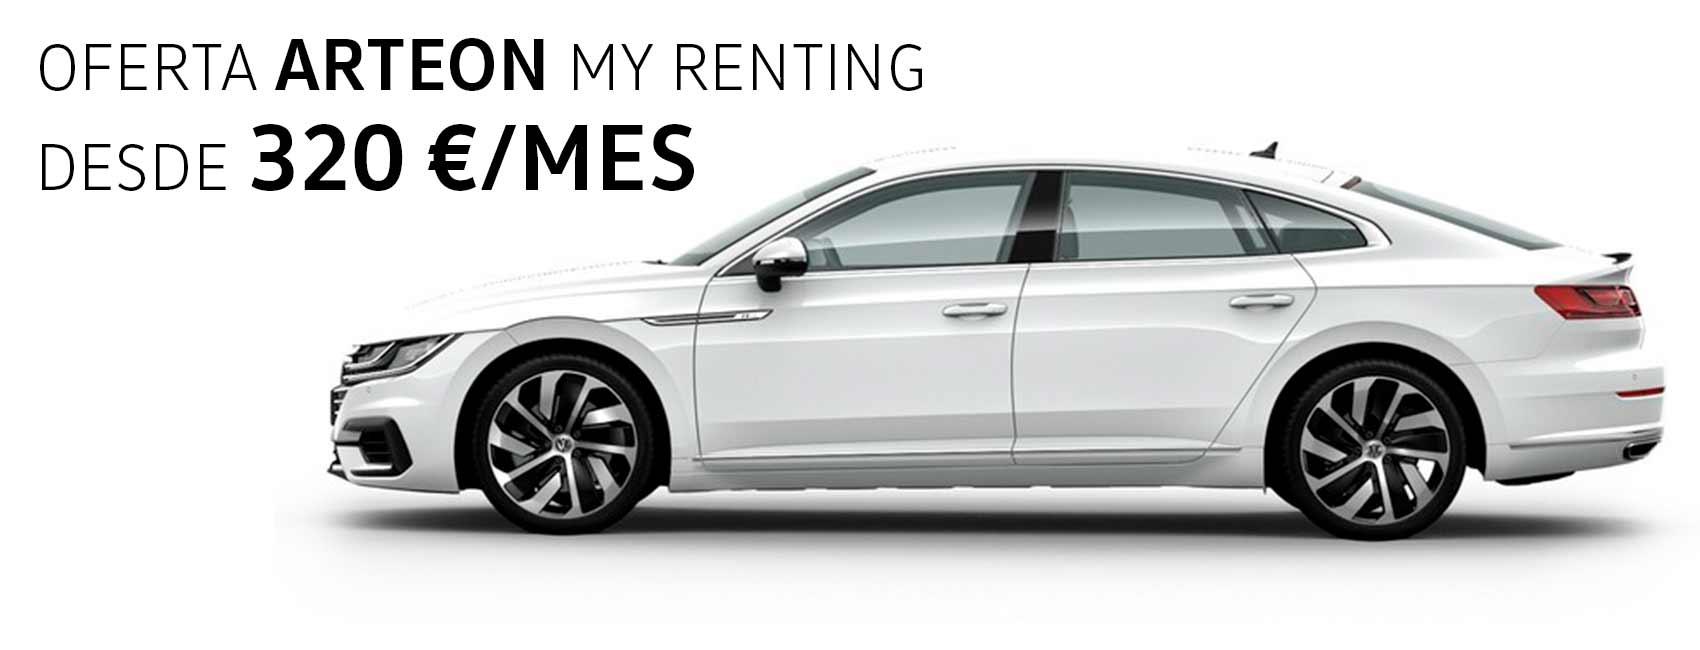 Volkswagen Arteon renting